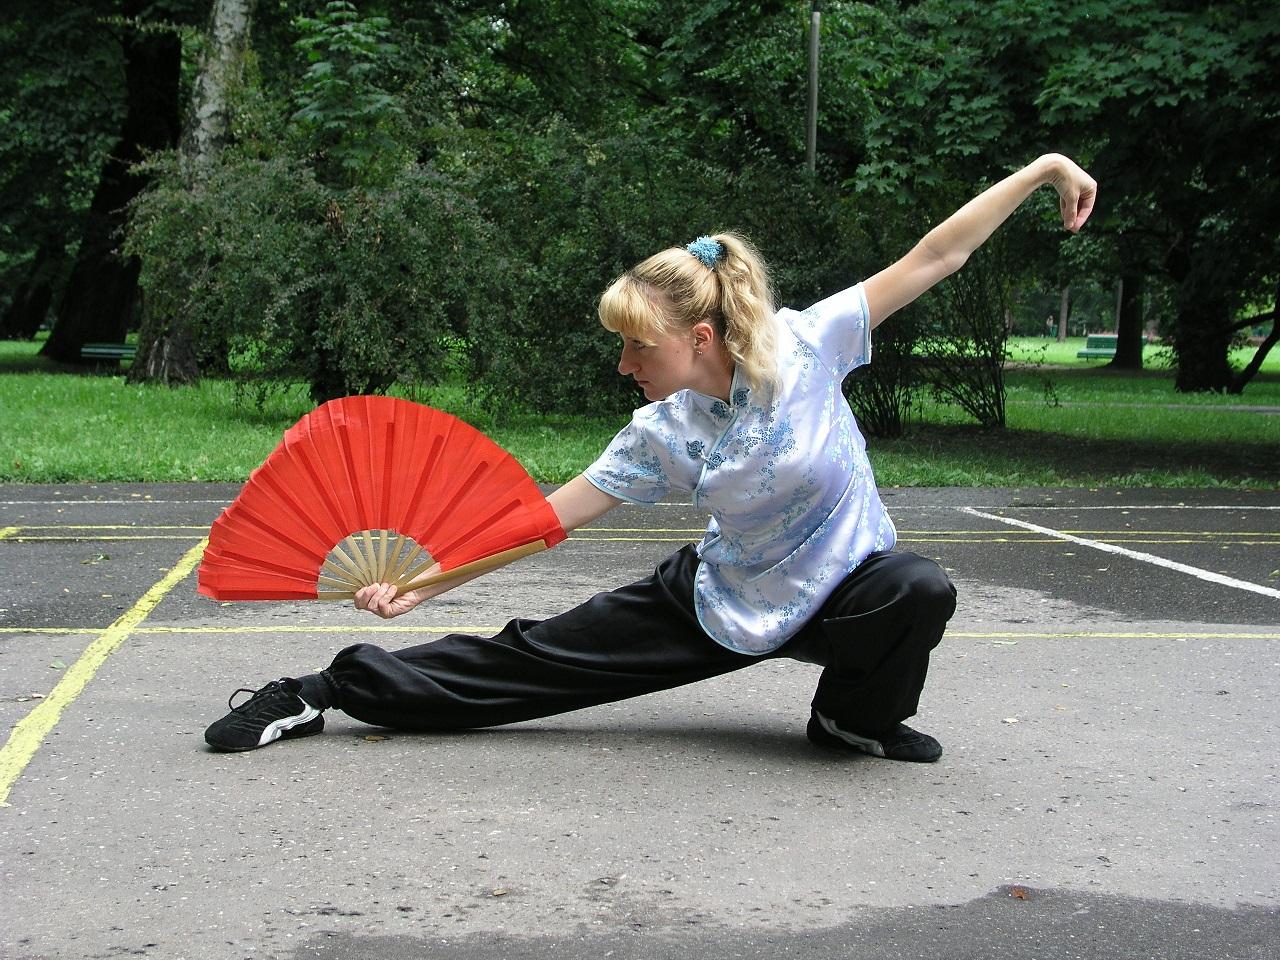 Beata tai chi chuan forma z wachlarzem  2004